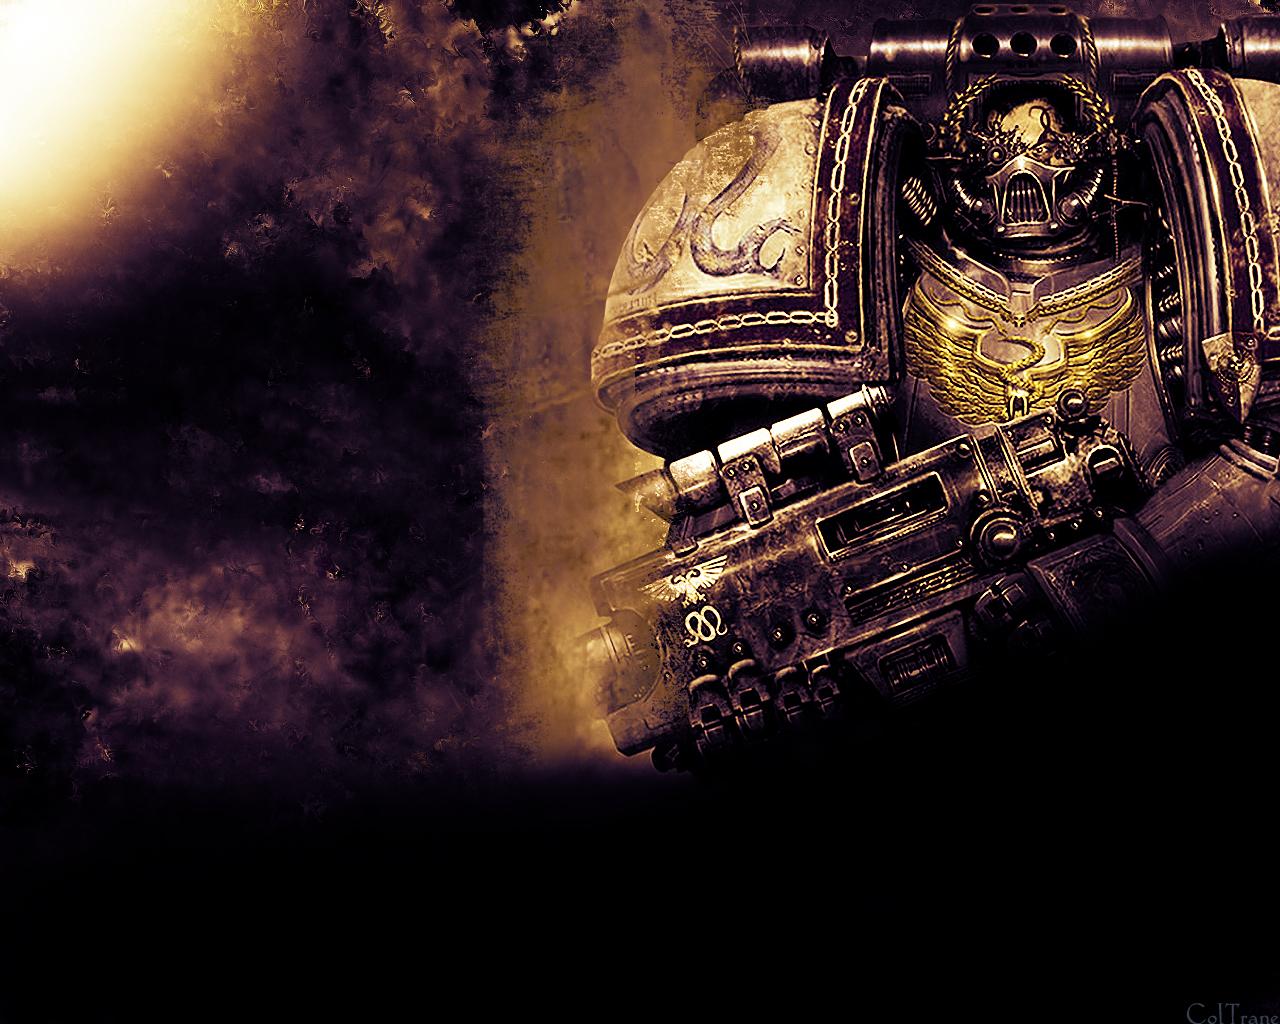 http://1.bp.blogspot.com/-aZ59gBieeik/Tg6QTjK4iWI/AAAAAAAADAQ/jf8IqRVHsoQ/s1600/Warhammer_40K_Soldier_by_ColTrane11.jpg